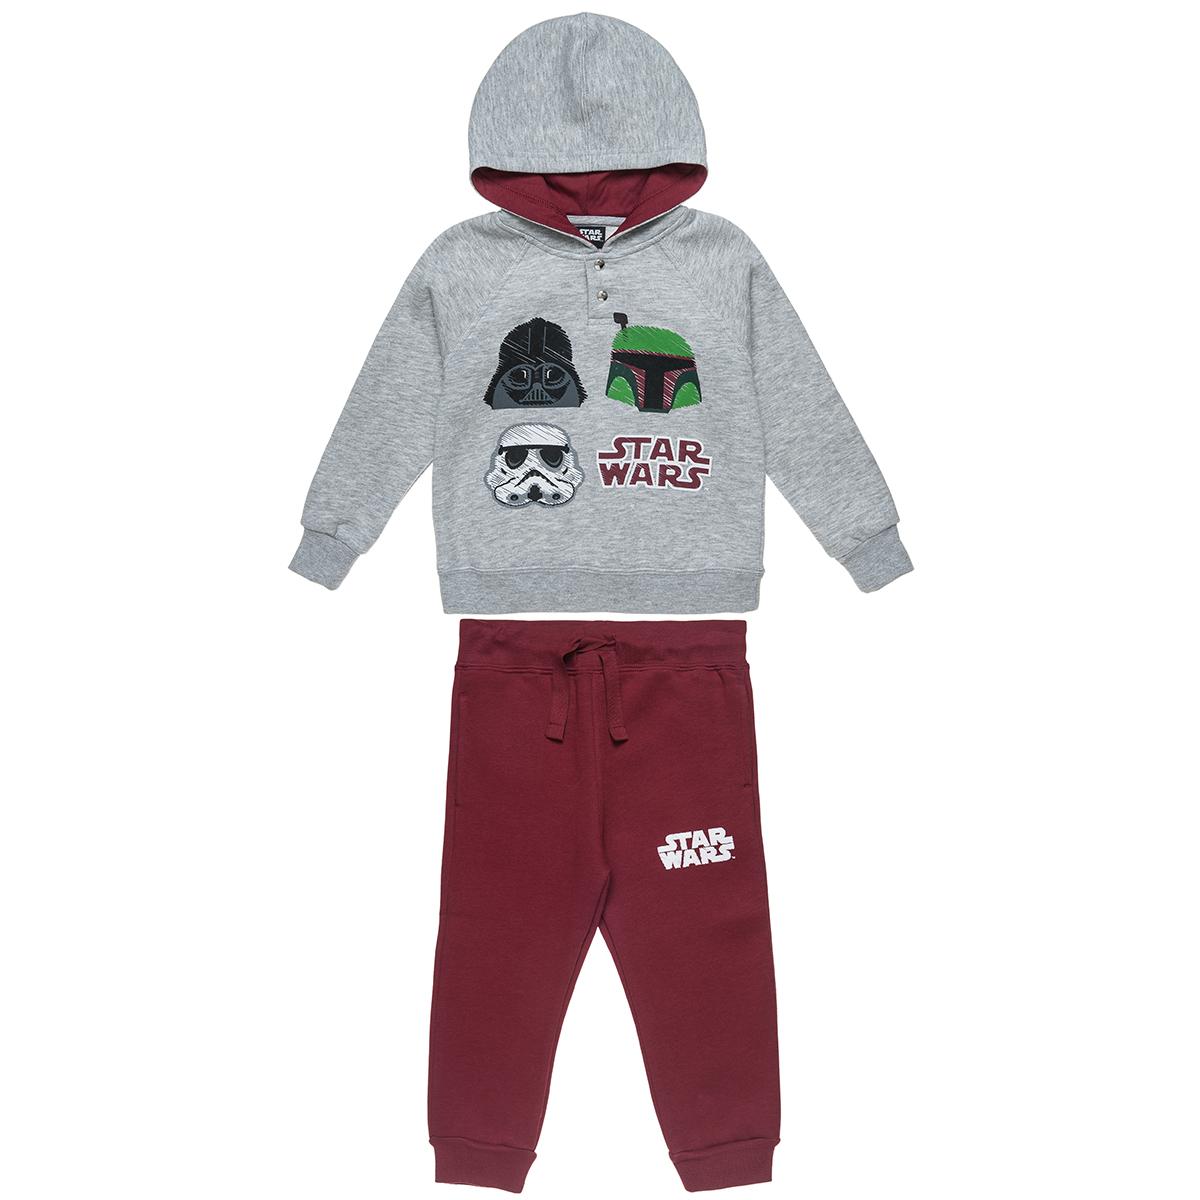 Σετ Φόρμας Star Wars μπλούζα με κουκούλα μελανζέ και παντελόνι με λάστιχο (Αγόρι 2-5 ετών) 00330401 - ΓΚΡΙ ΜΕΛΑΝΖΕ - 3887-0208/3/234/102